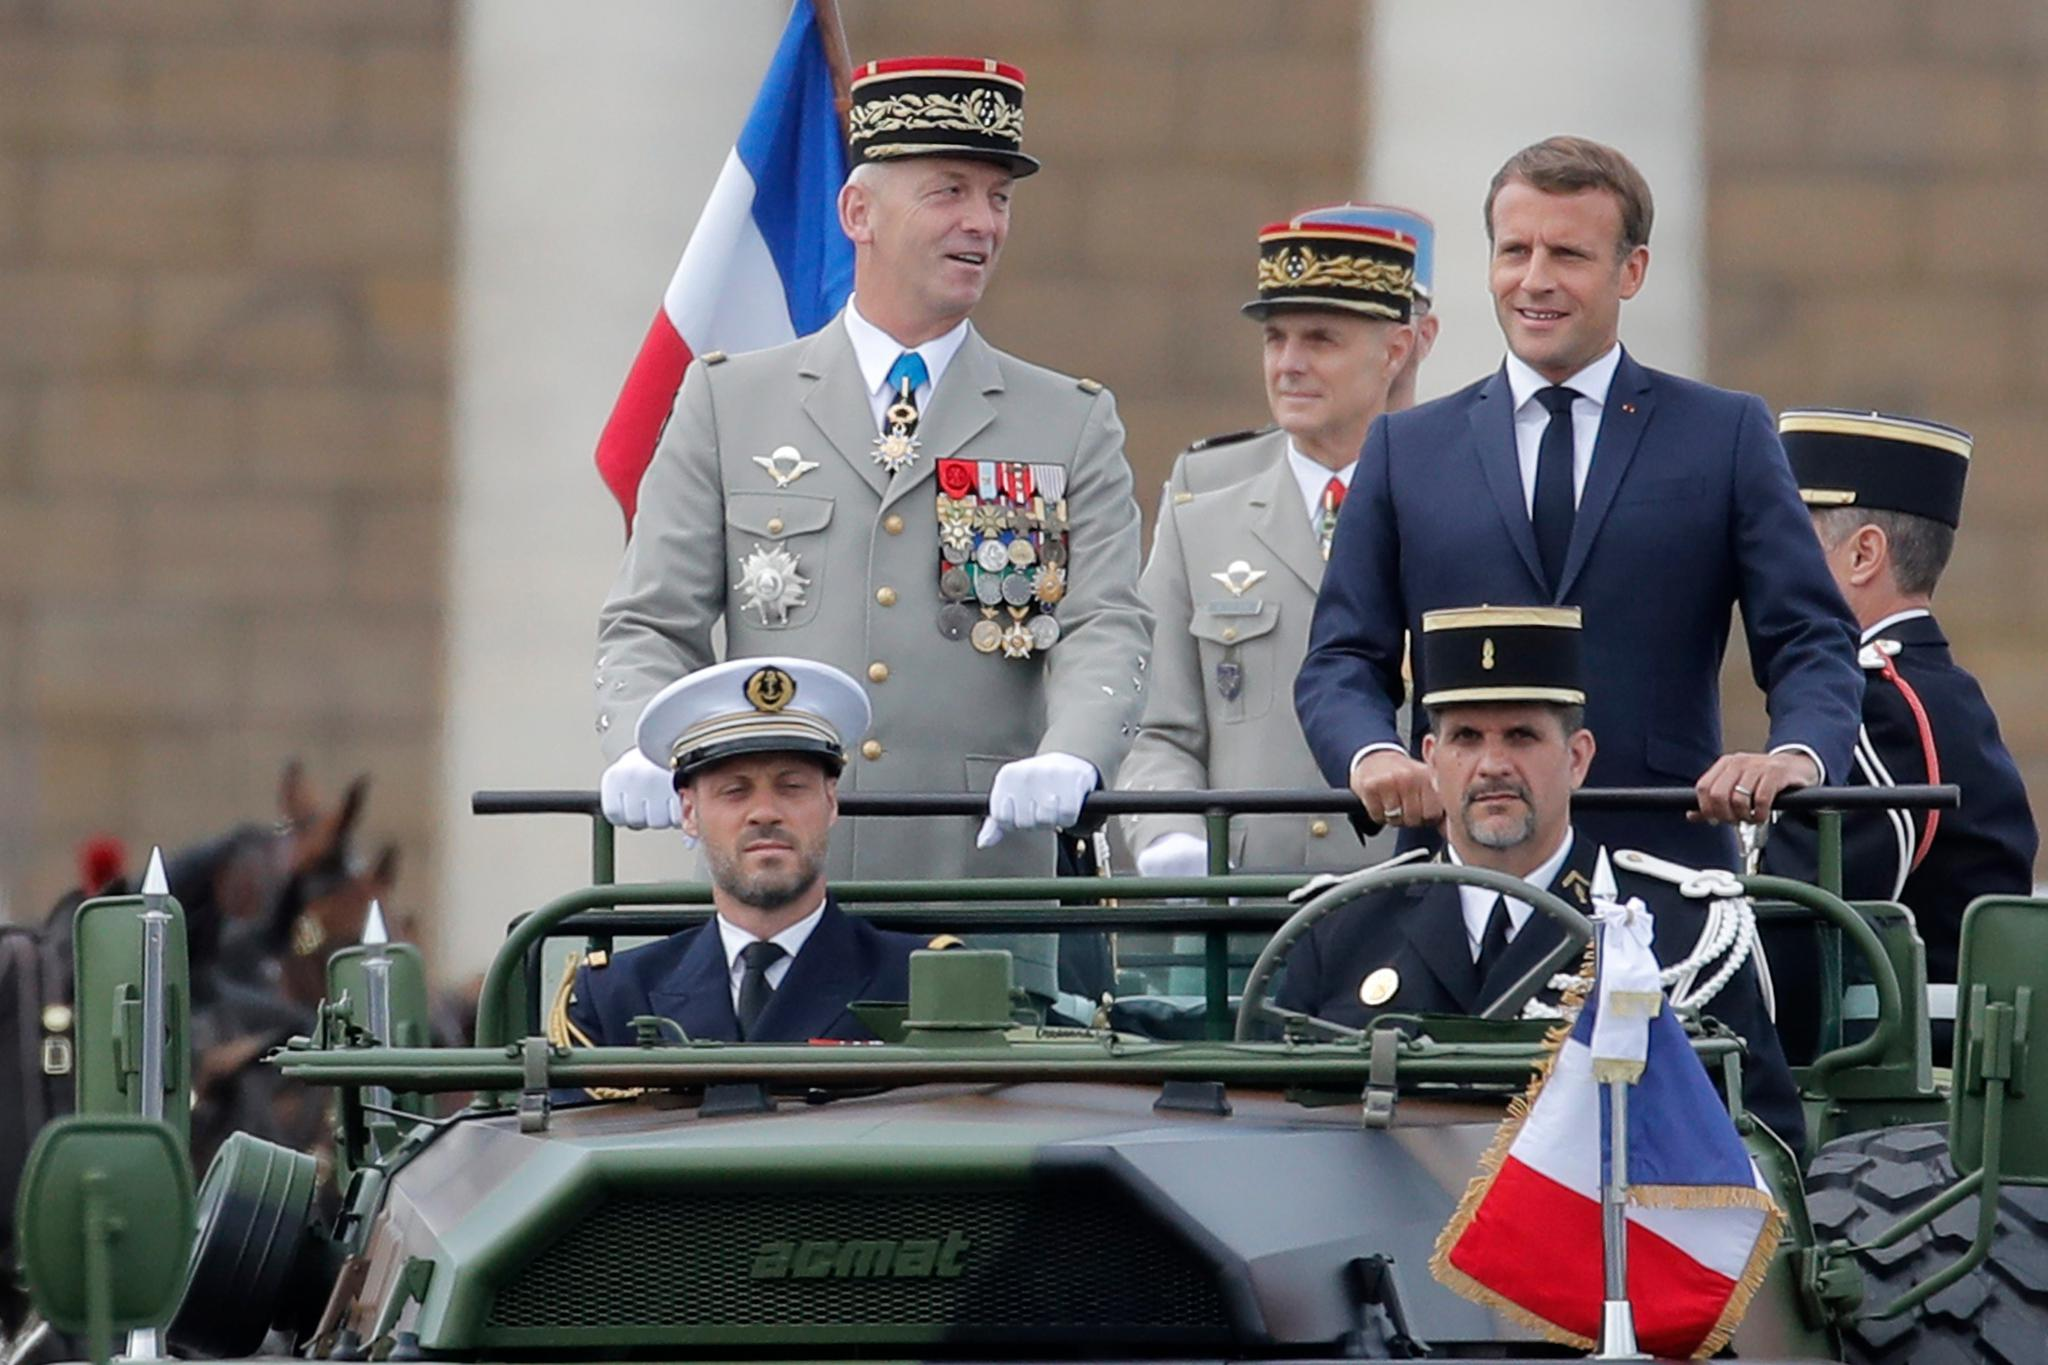 新冠肺炎疫情下的法国国庆日阅兵